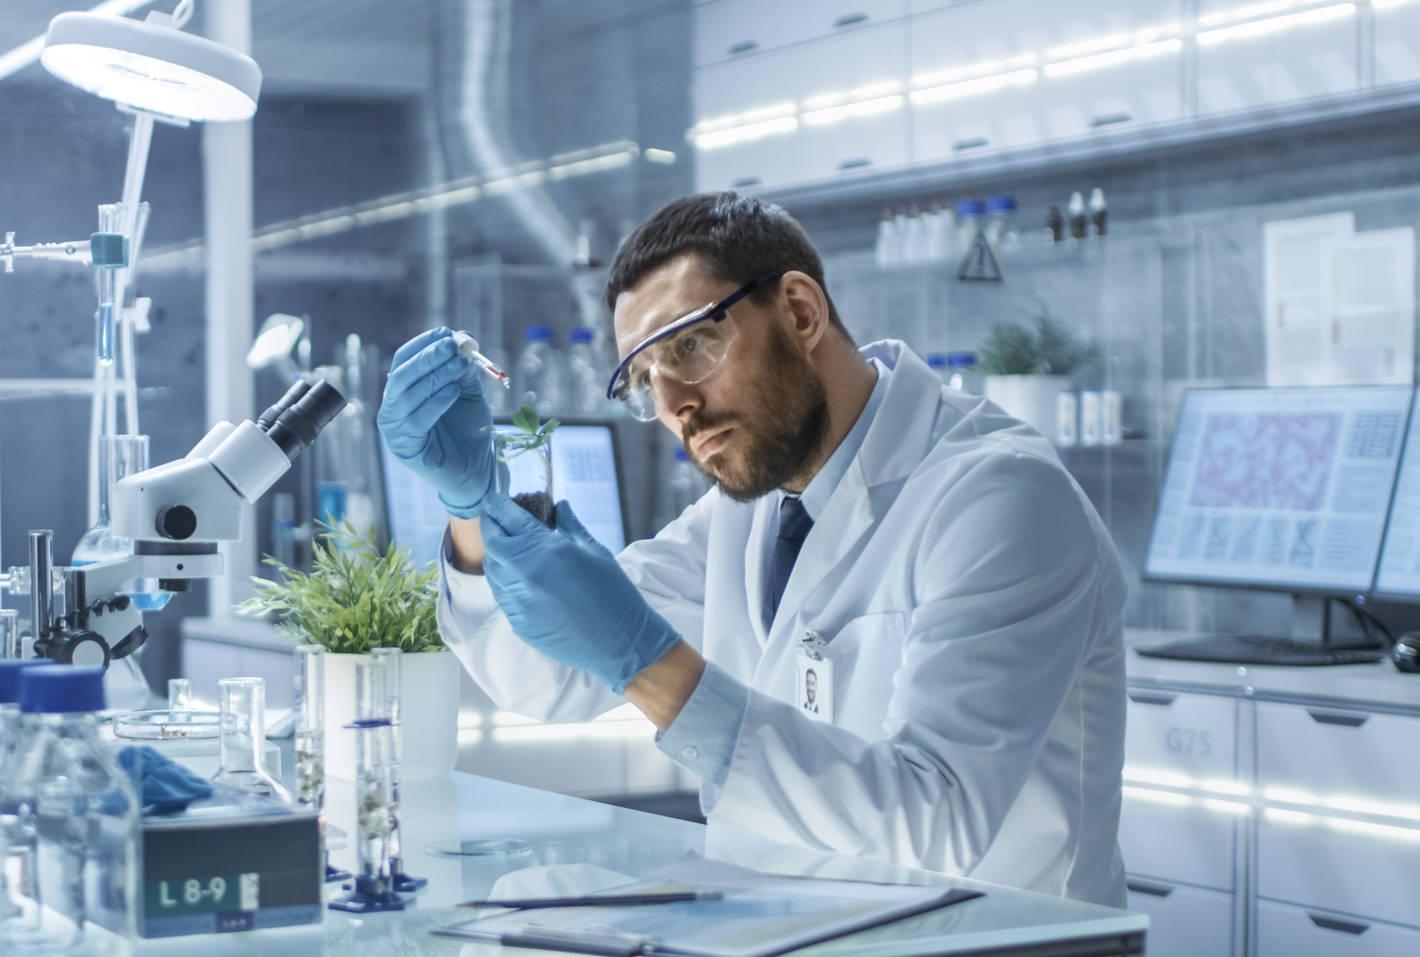 Quel est le rôle d'un ingénieur en biotechnologie ?